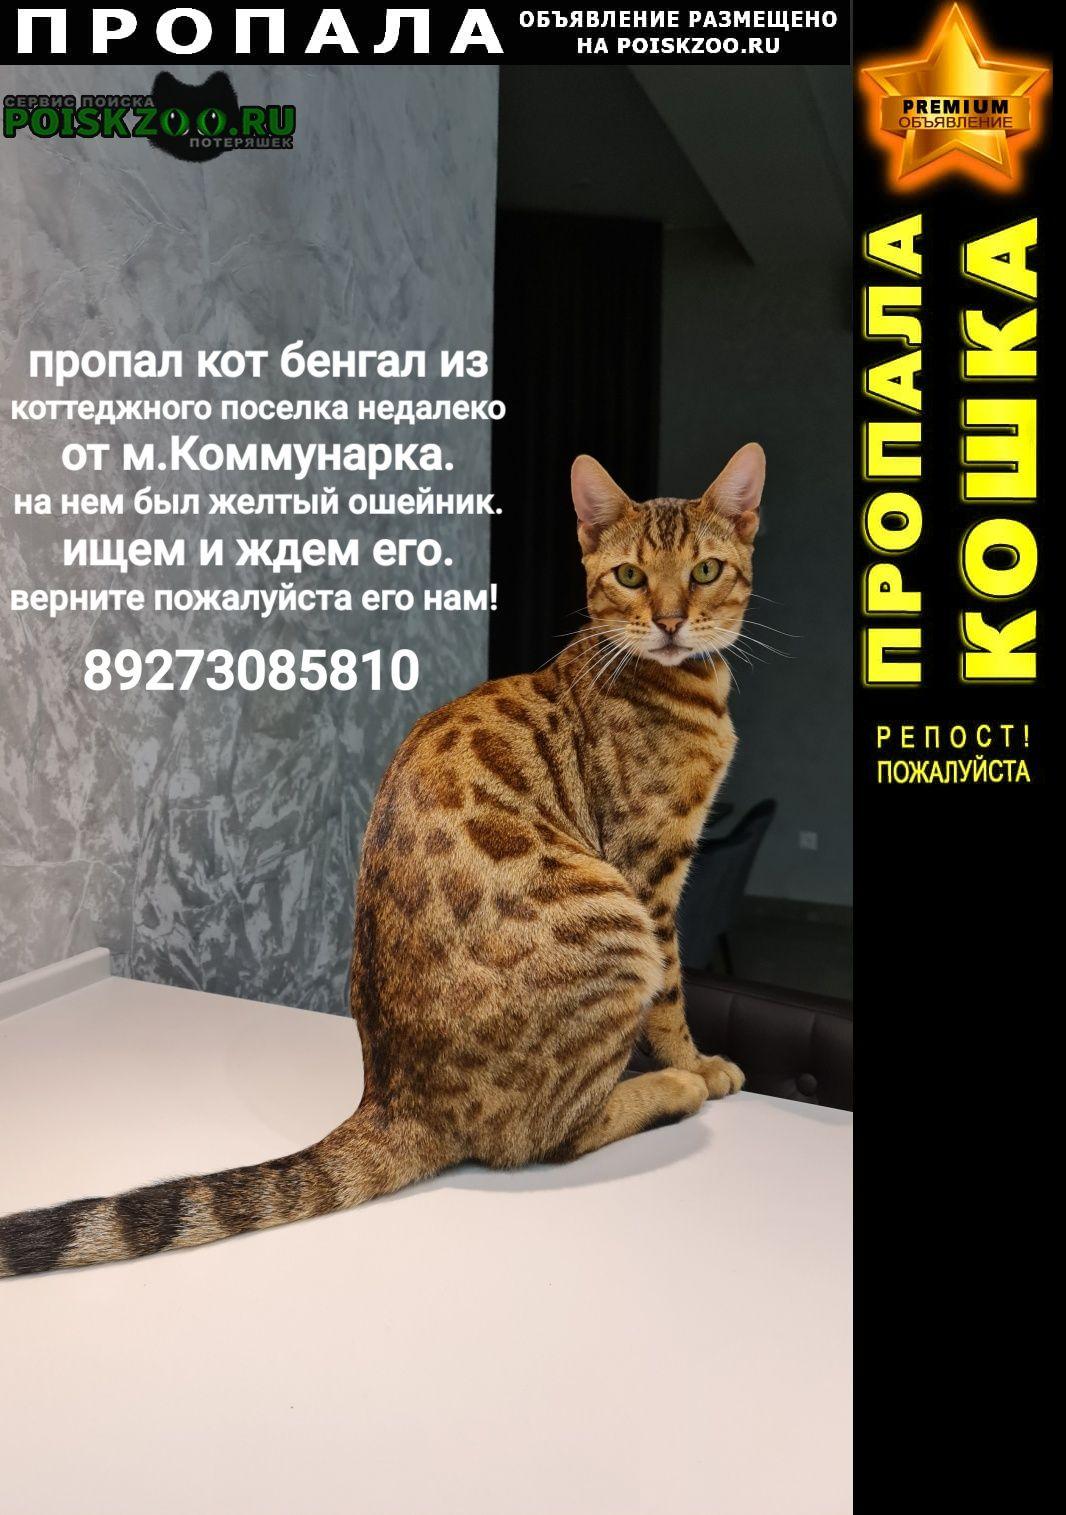 Пропал кот бенгал с жёлтым ошейником Москва